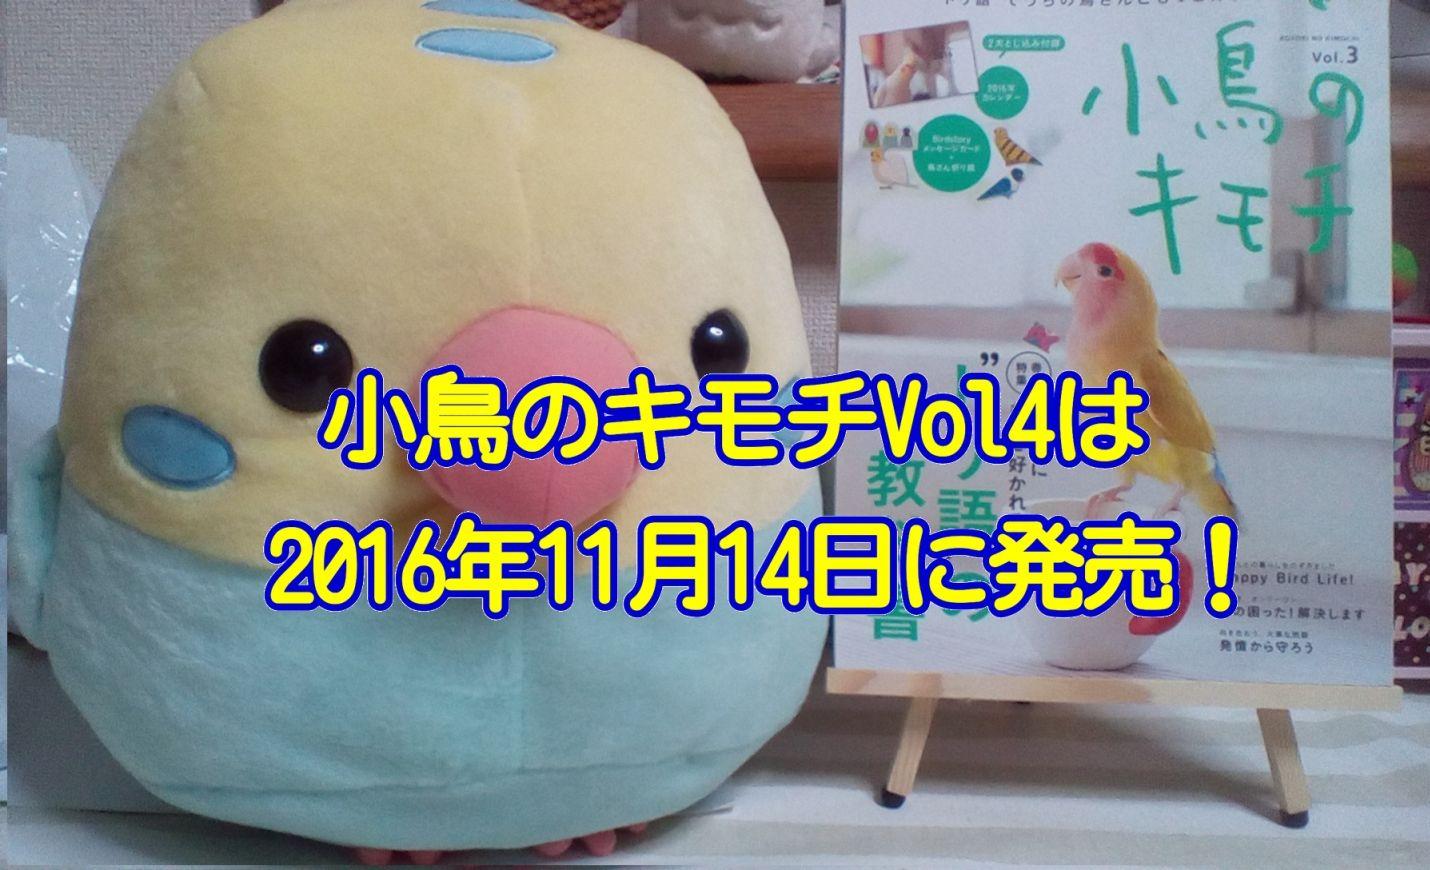 小鳥のキモチ第4号の発売日決定